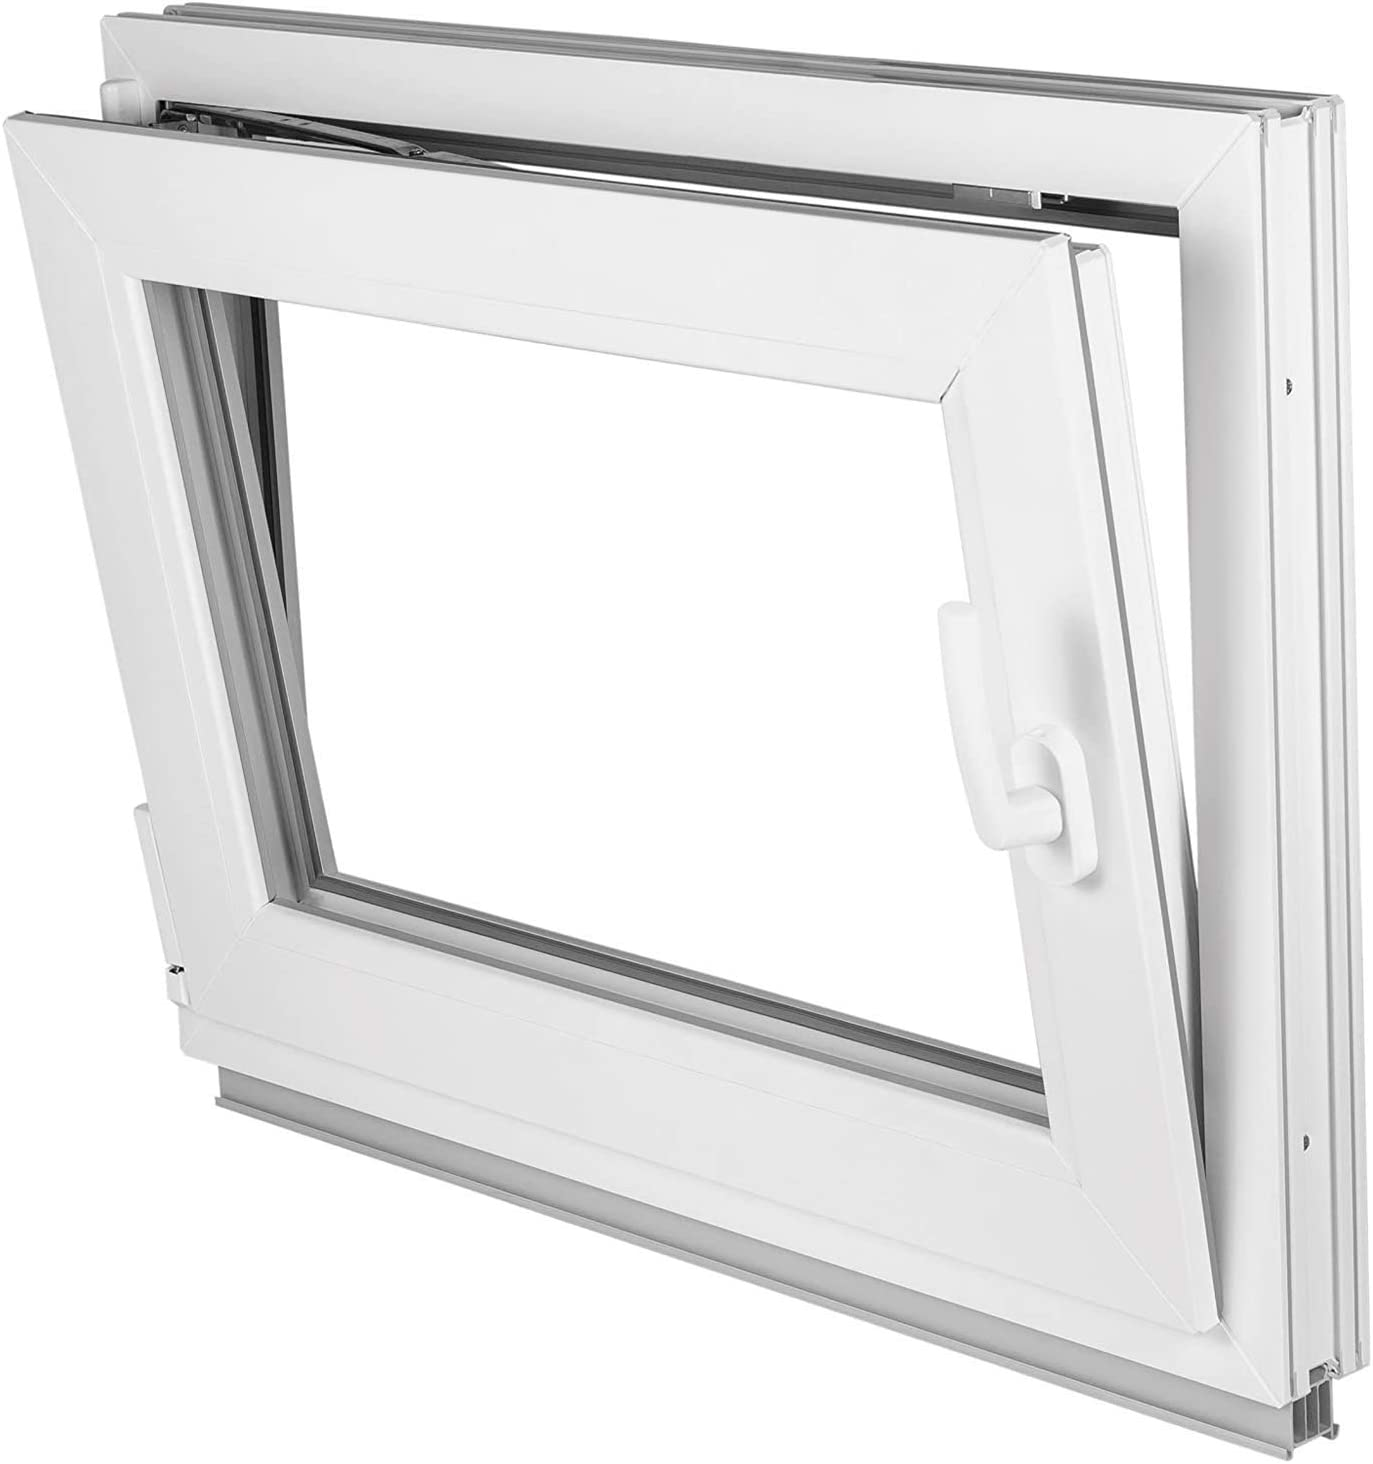 BxH: 90x60 cm DIN links wei/ß Kunststoff 2-fach-Verglasung LAGERWARE verschiedene Ma/ße Fenster Kellerfenster 60mm Profil